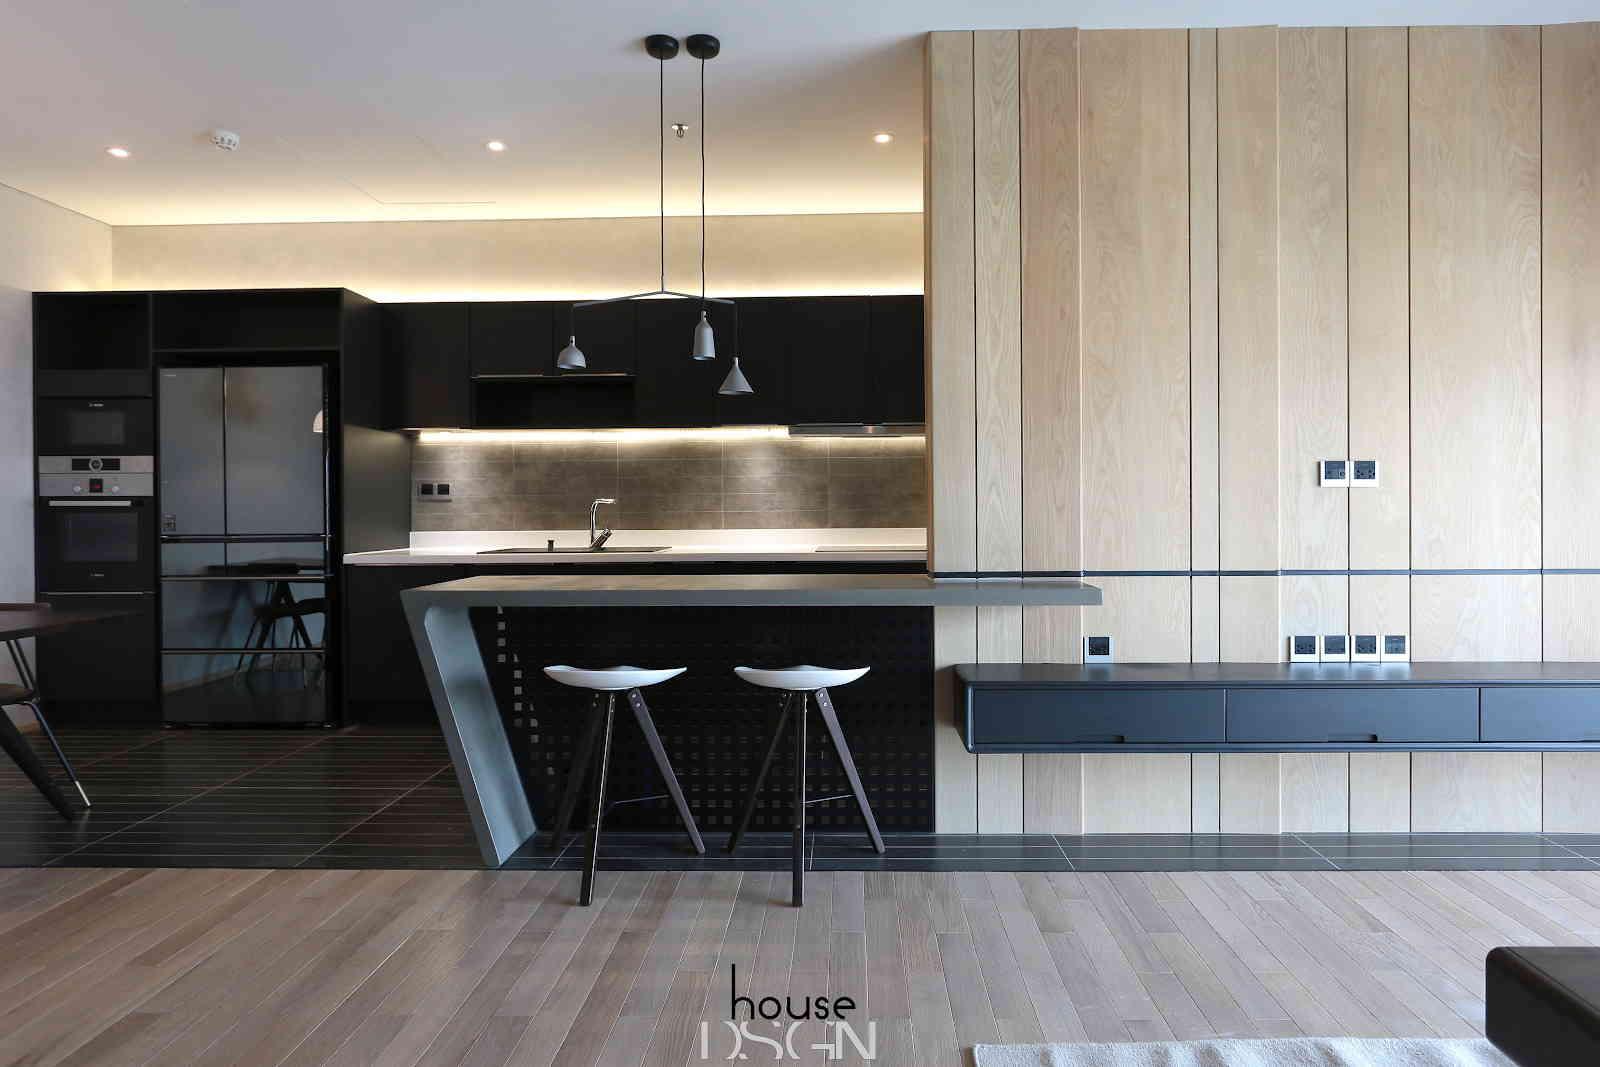 thiết kế phòng bếp căn hộ chung cư 90m2